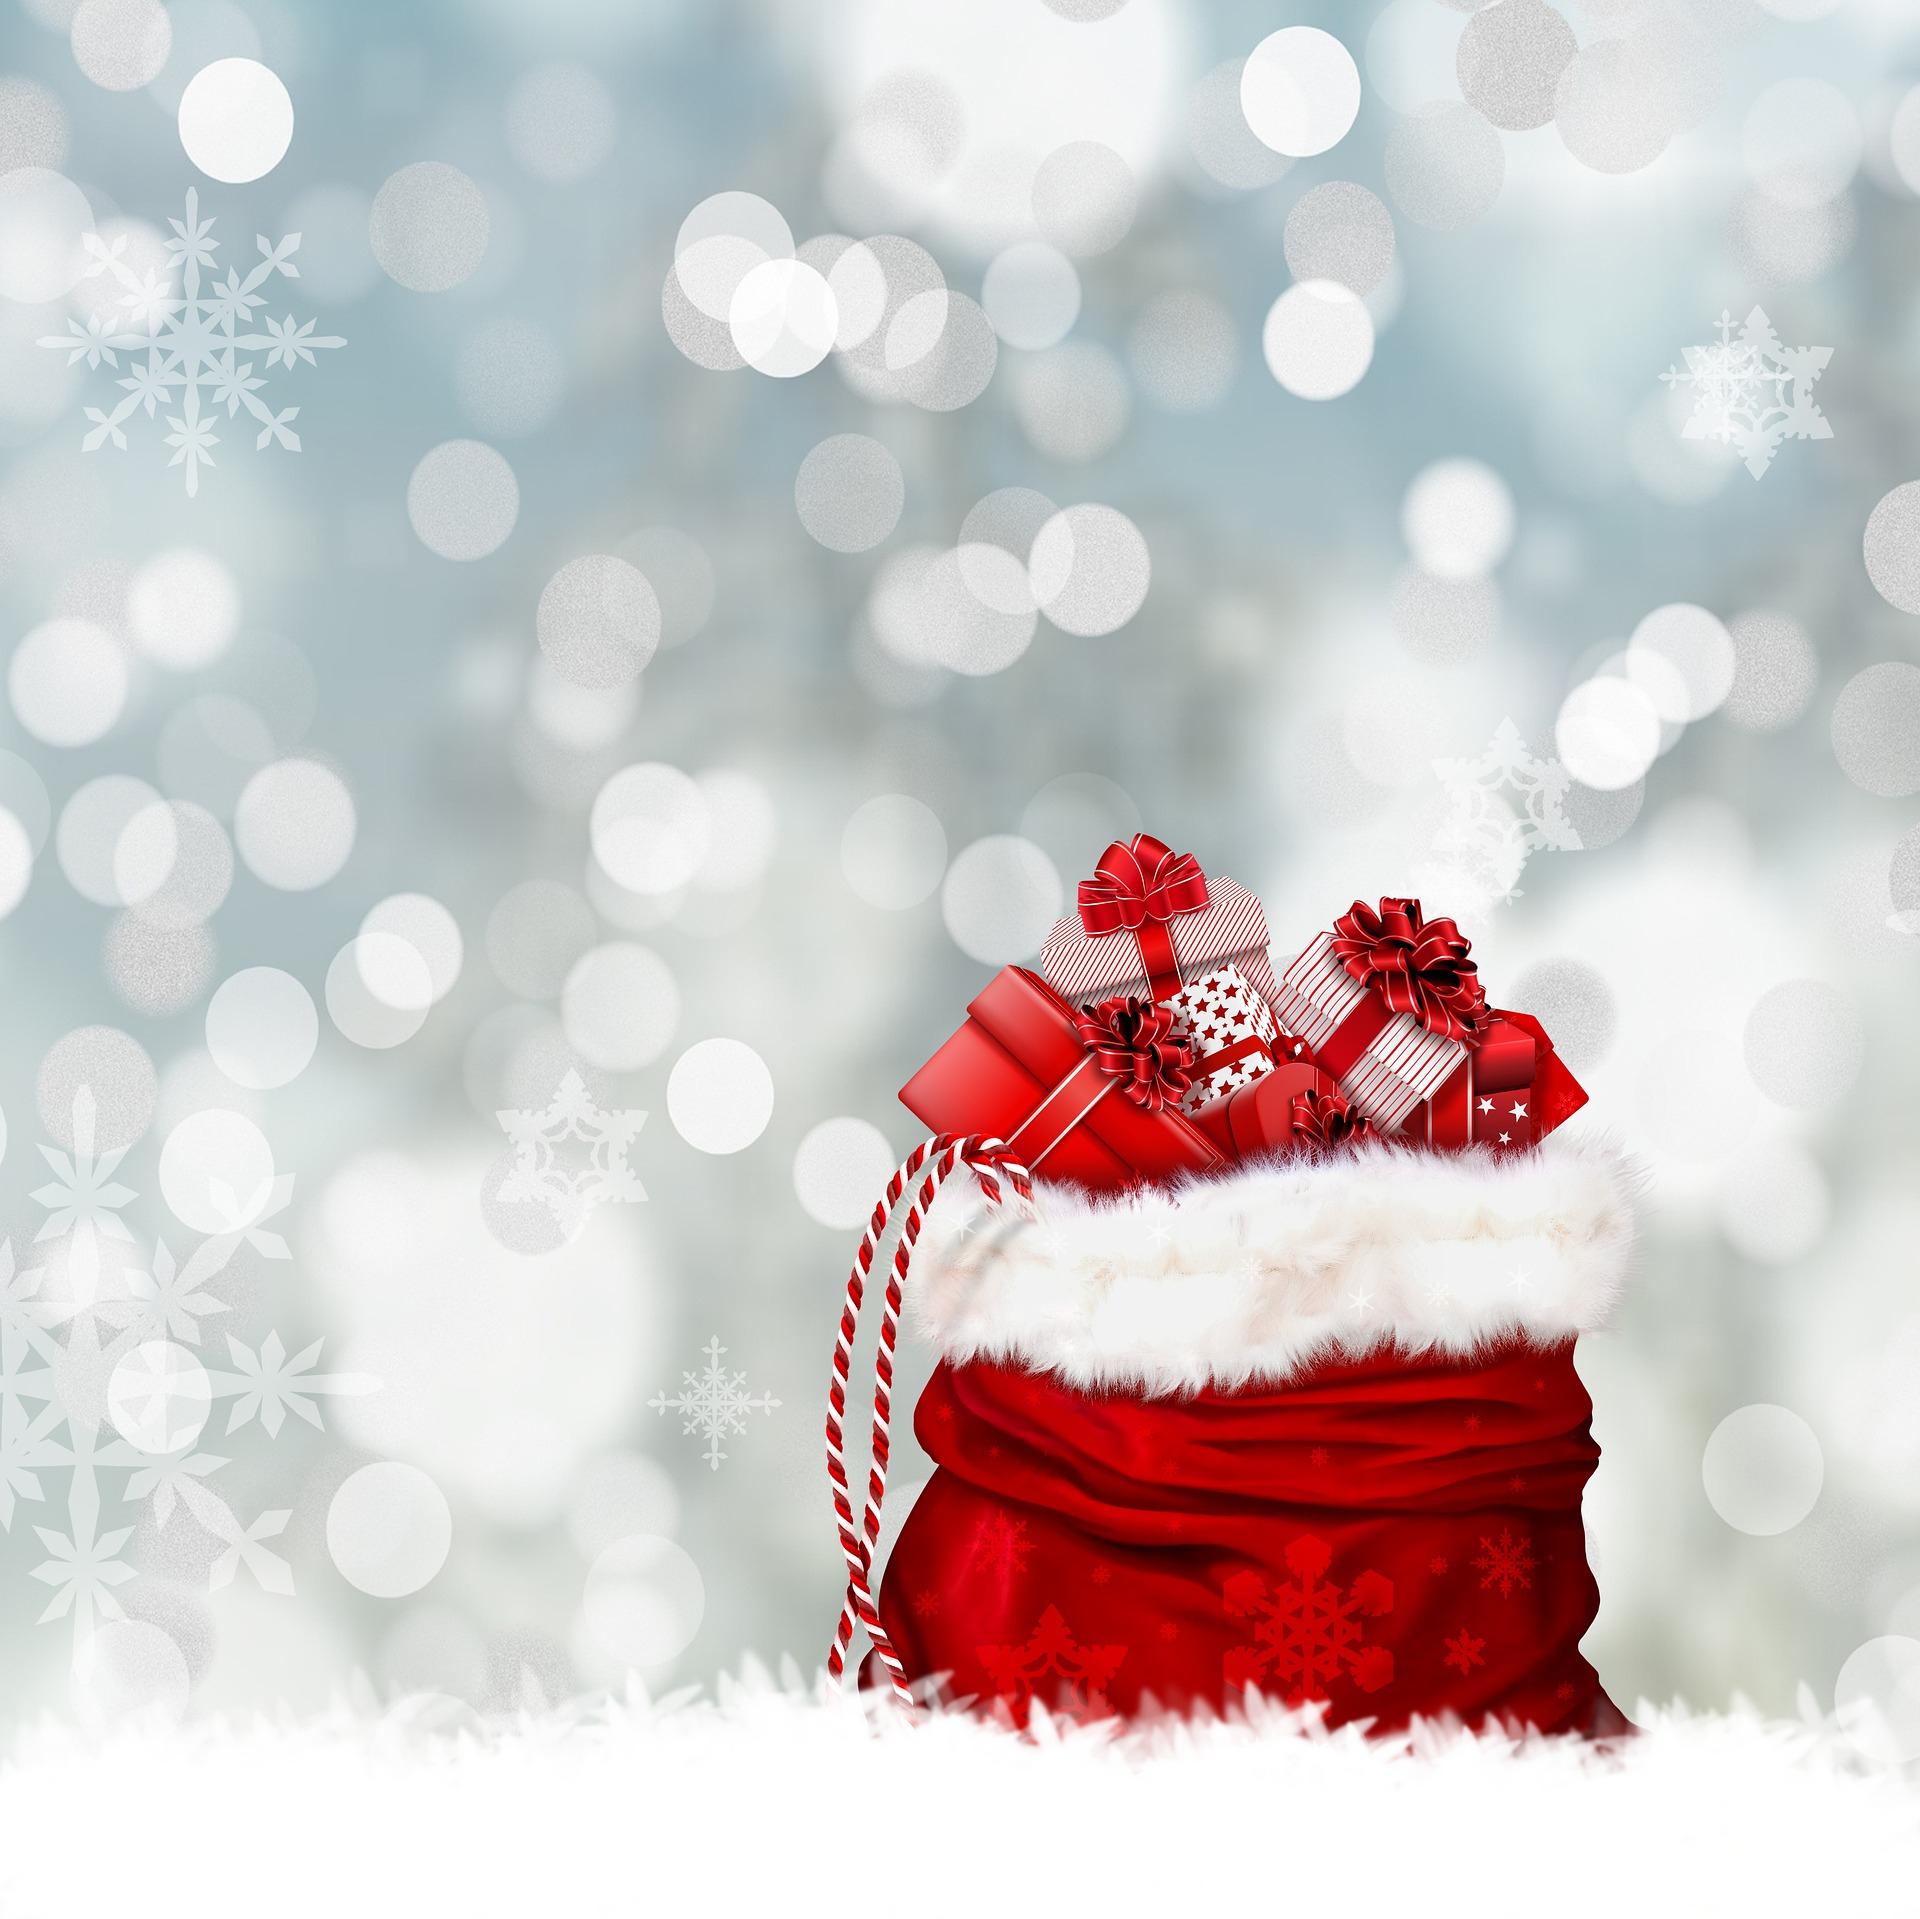 Weihnachtshintergrundbilder Zum Herunterladen in Weihnachtsvordrucke Kostenlos